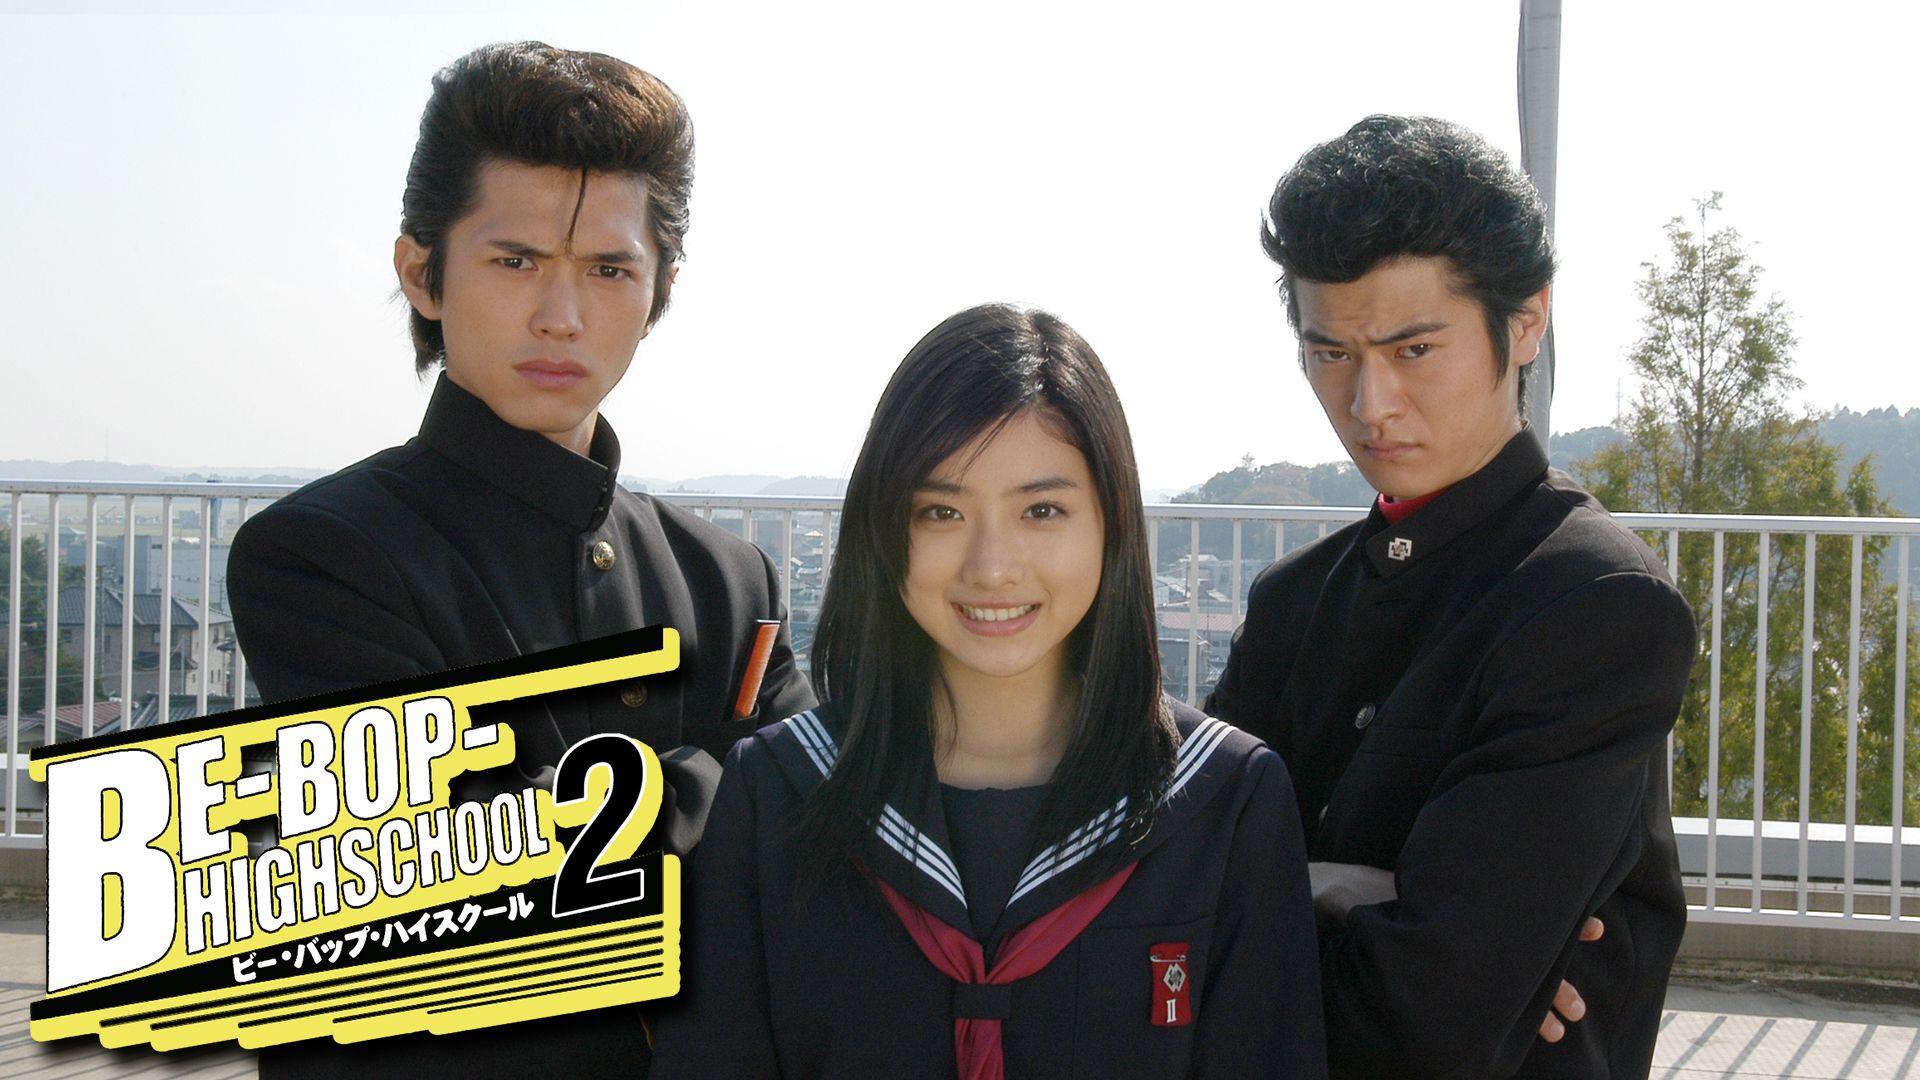 ビー・バップ・ハイスクール2(2005年・ドラマ)